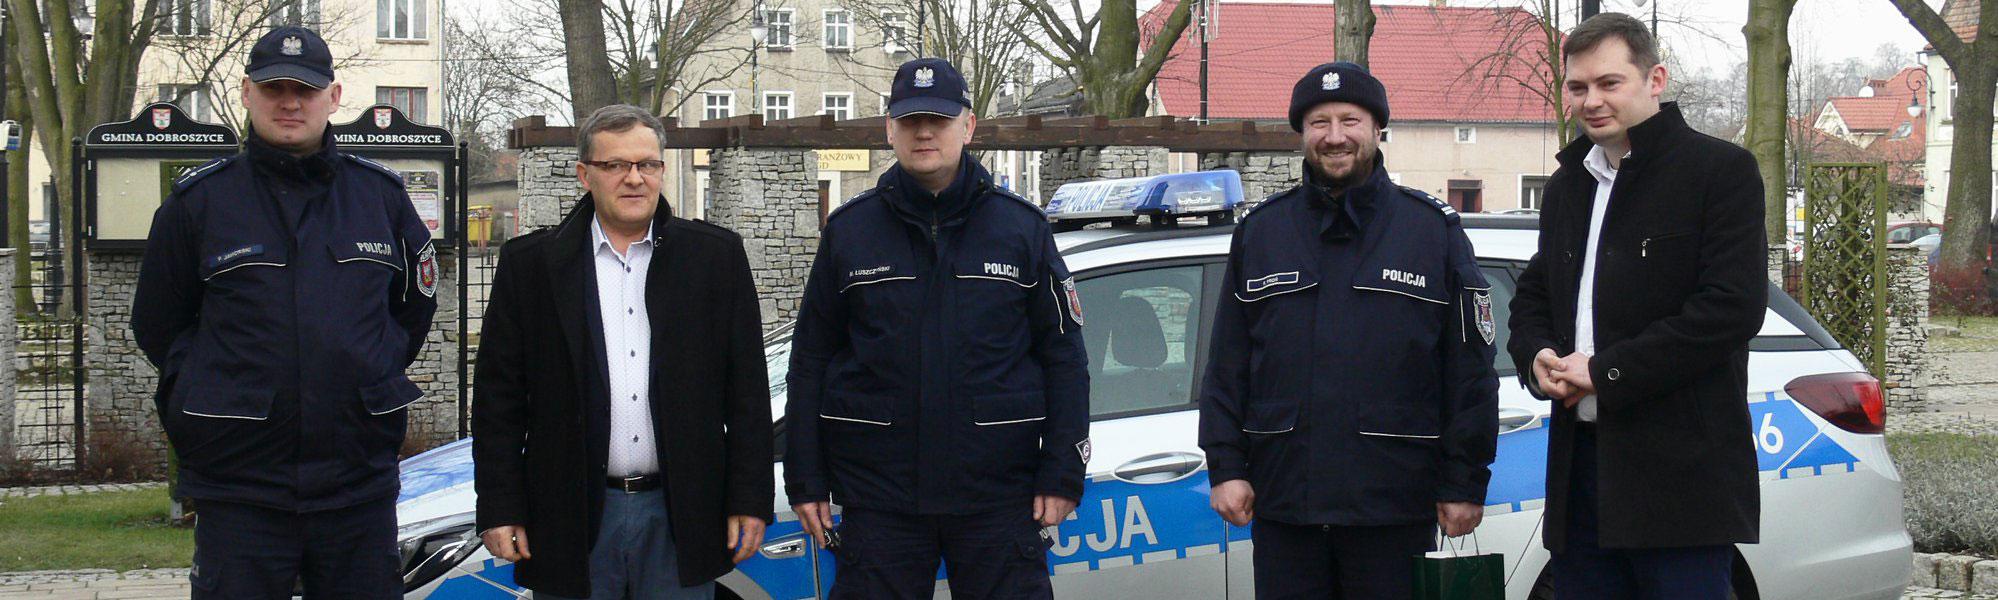 Nowy radiowóz w Dobroszycach